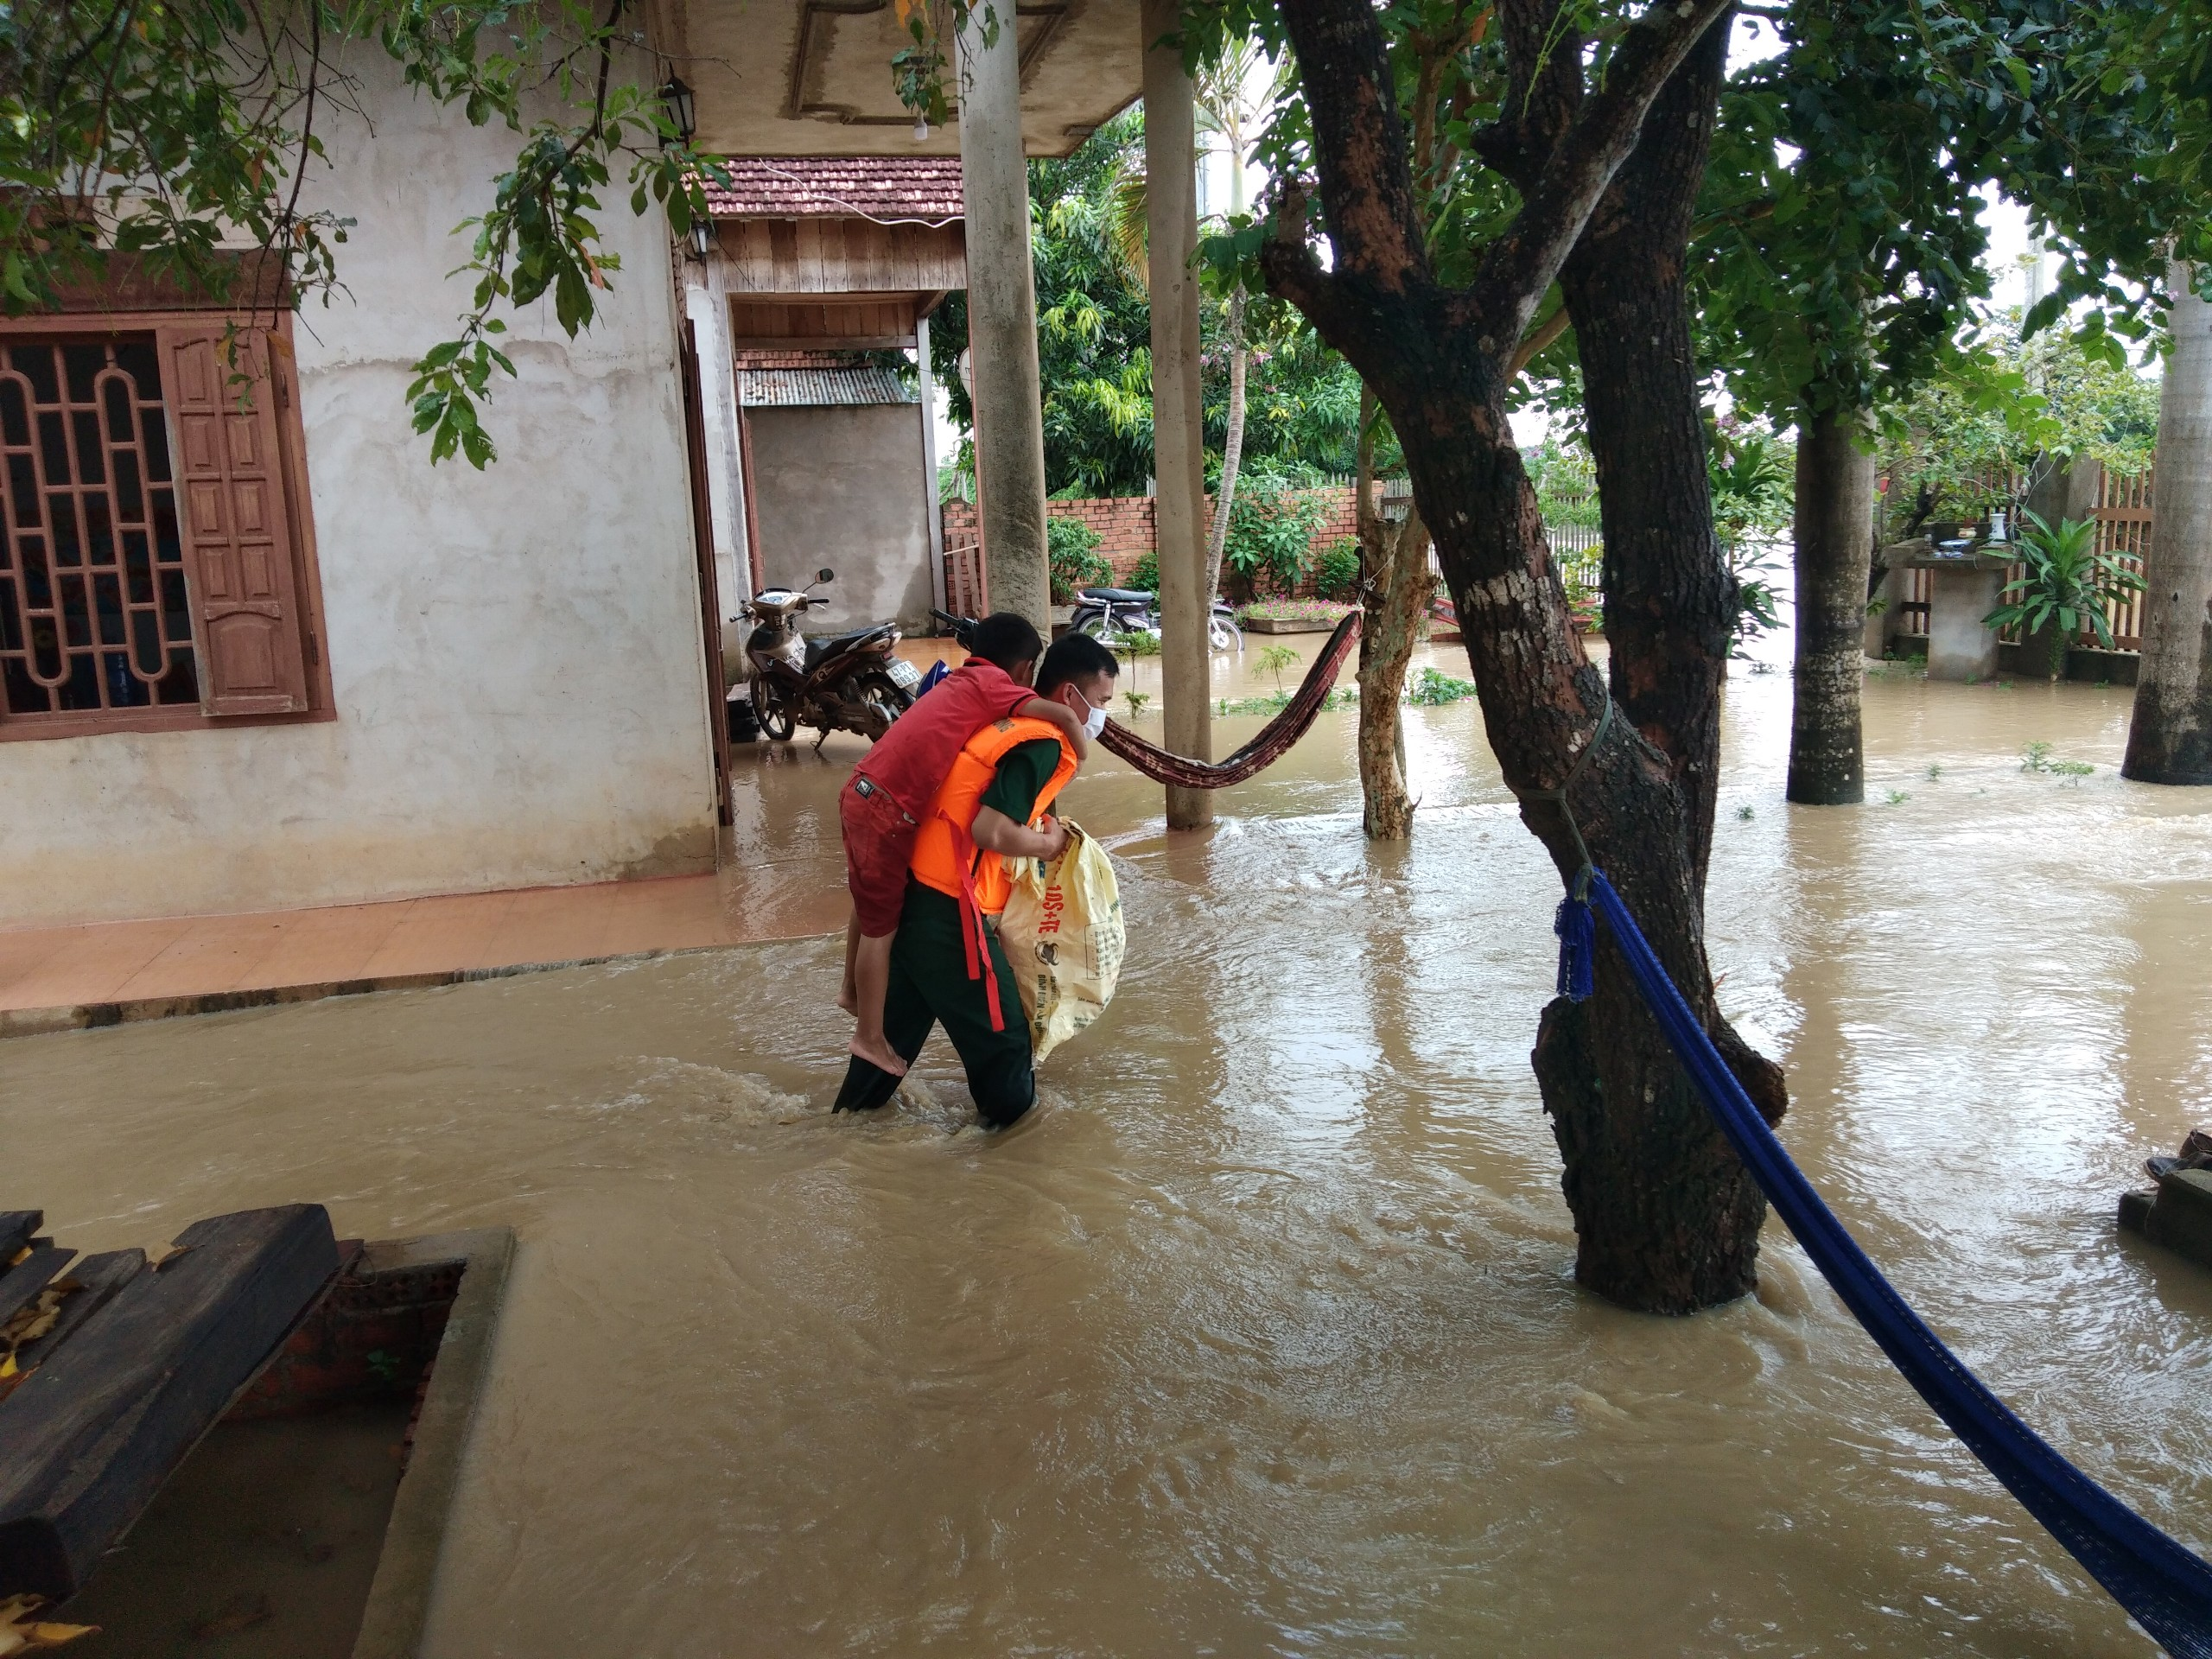 Bộ đội Biên phòng Đắk Lắk kịp thời triển khai lực lượng giúp dân sơ tán người và tài sản do mưa lũ.